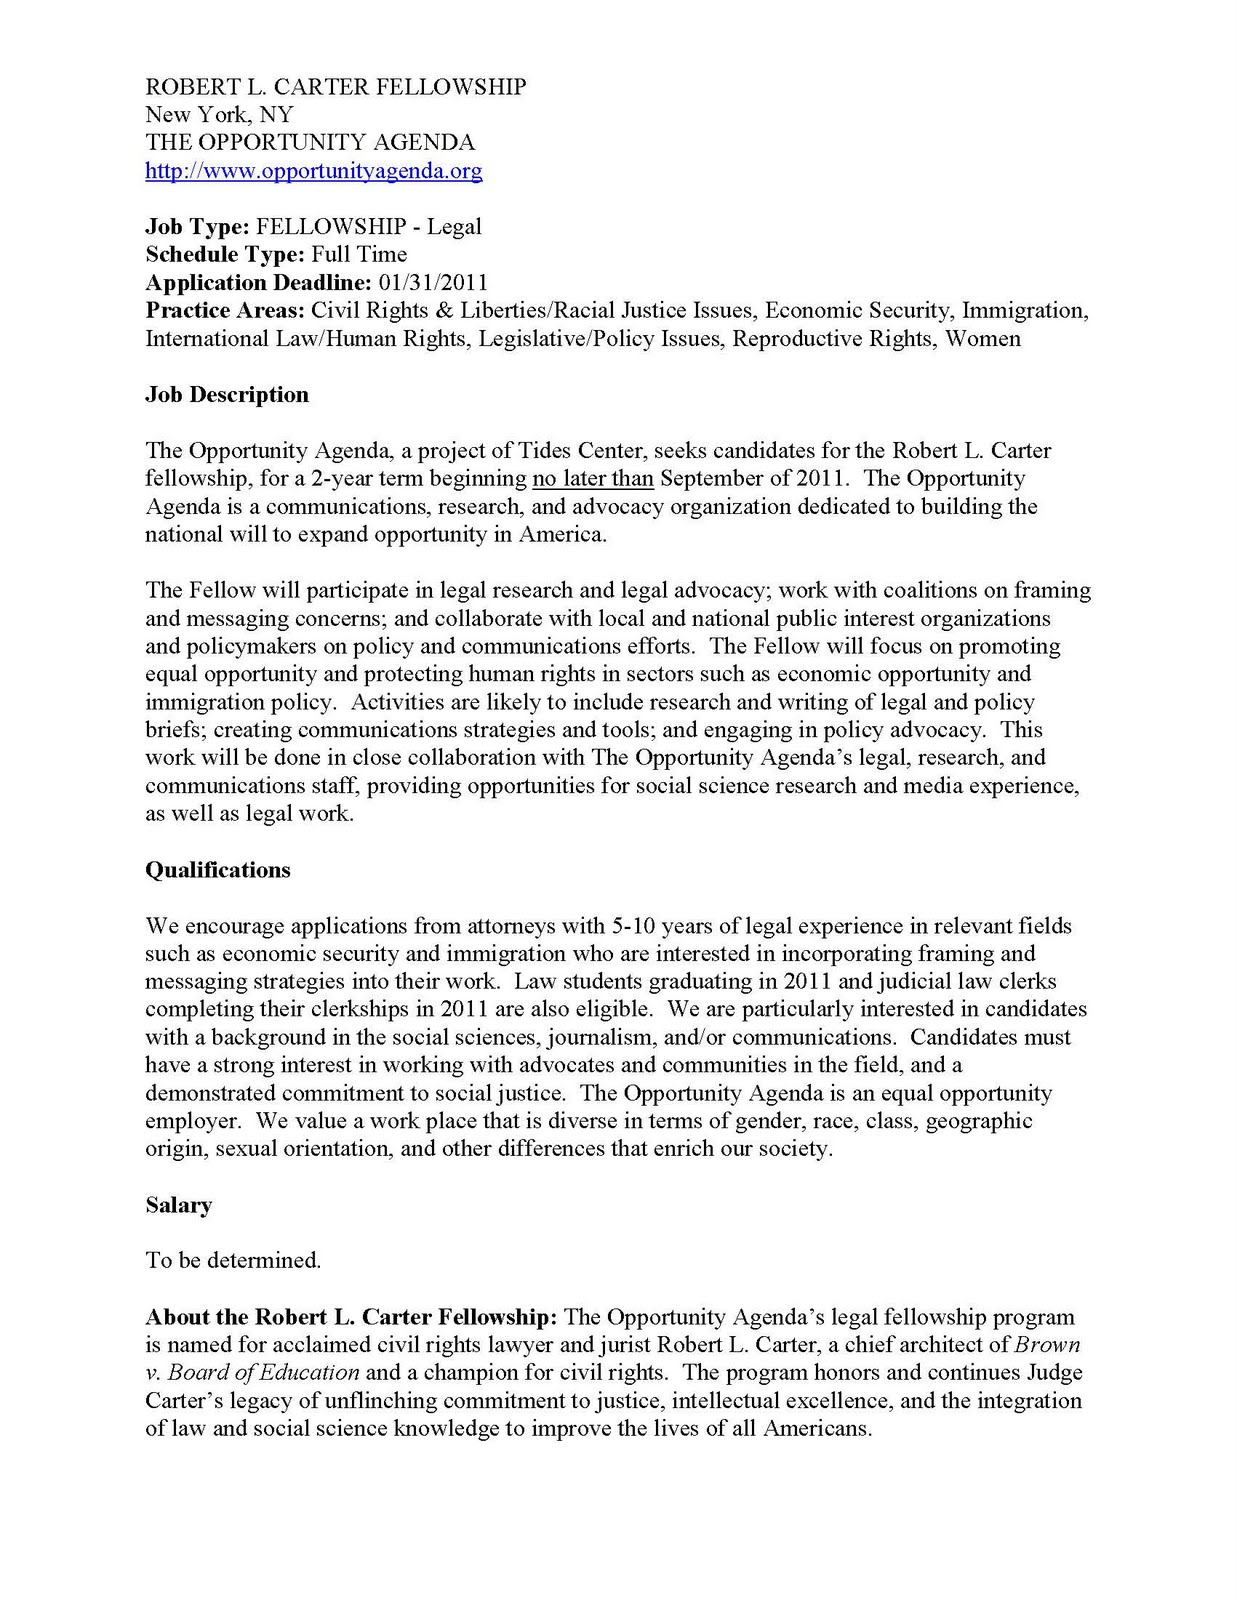 Description Resume Server For Bar] Server Job Description Resume ...